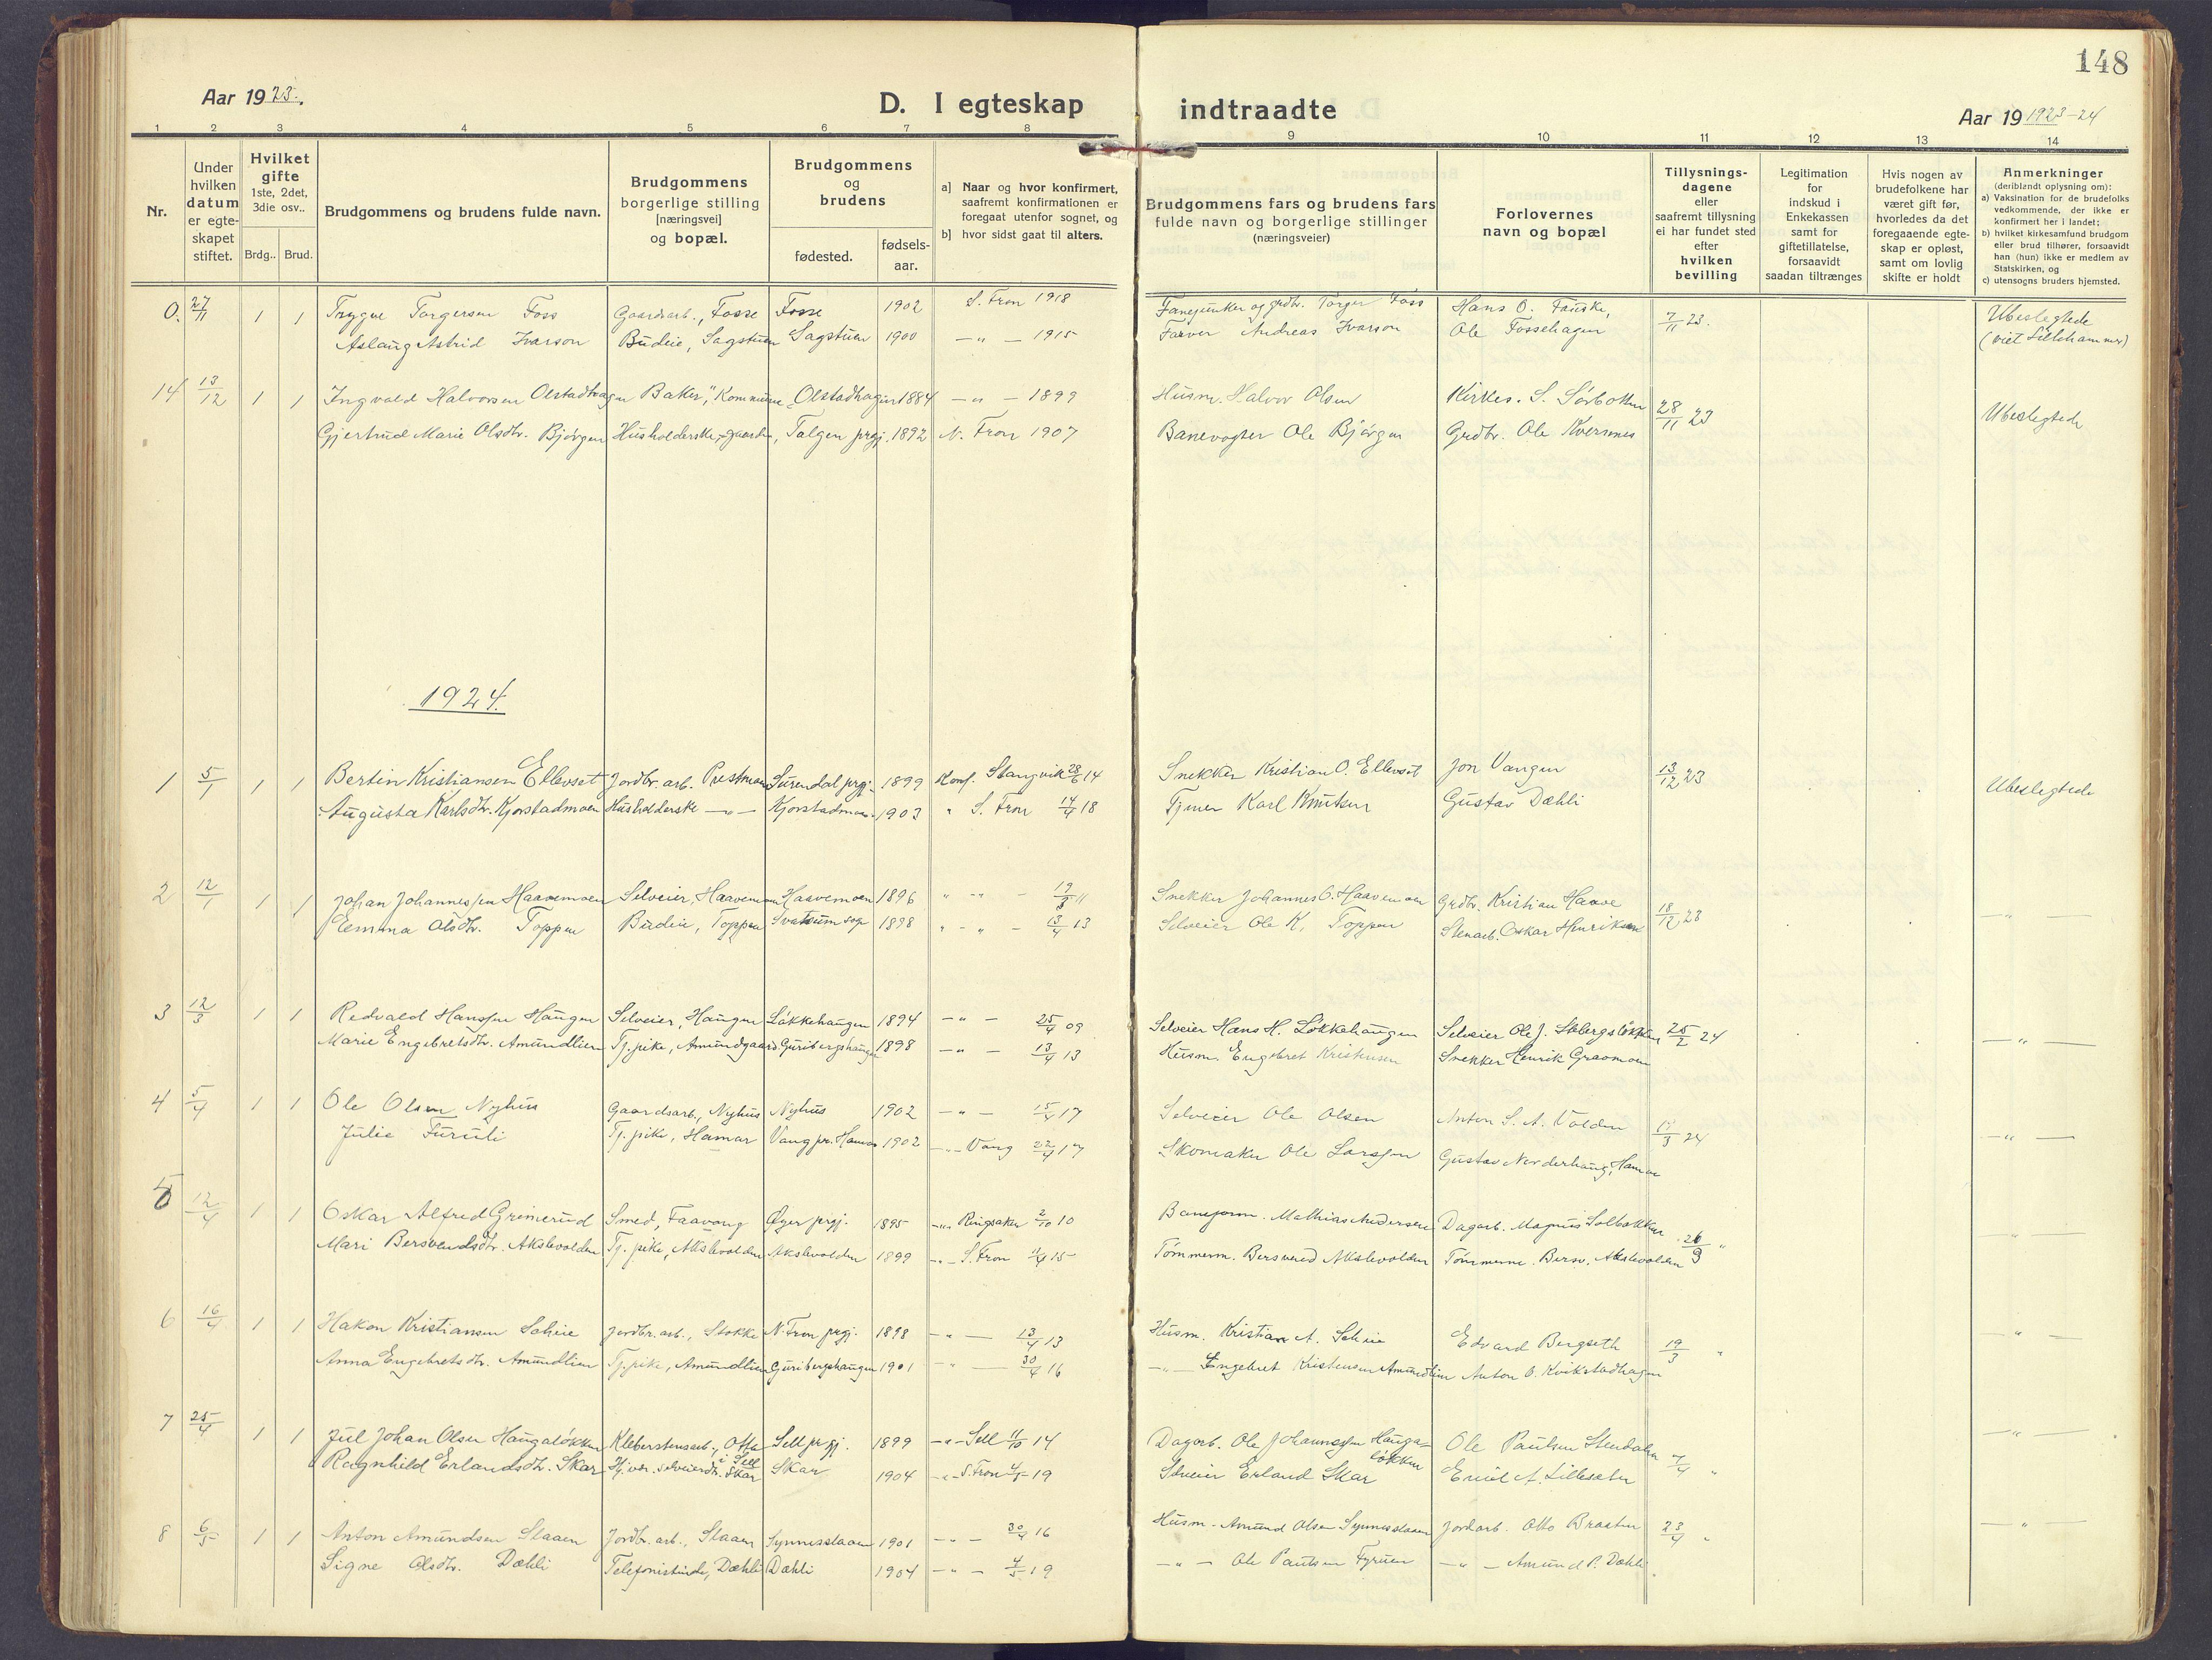 SAH, Sør-Fron prestekontor, H/Ha/Haa/L0005: Ministerialbok nr. 5, 1920-1933, s. 148